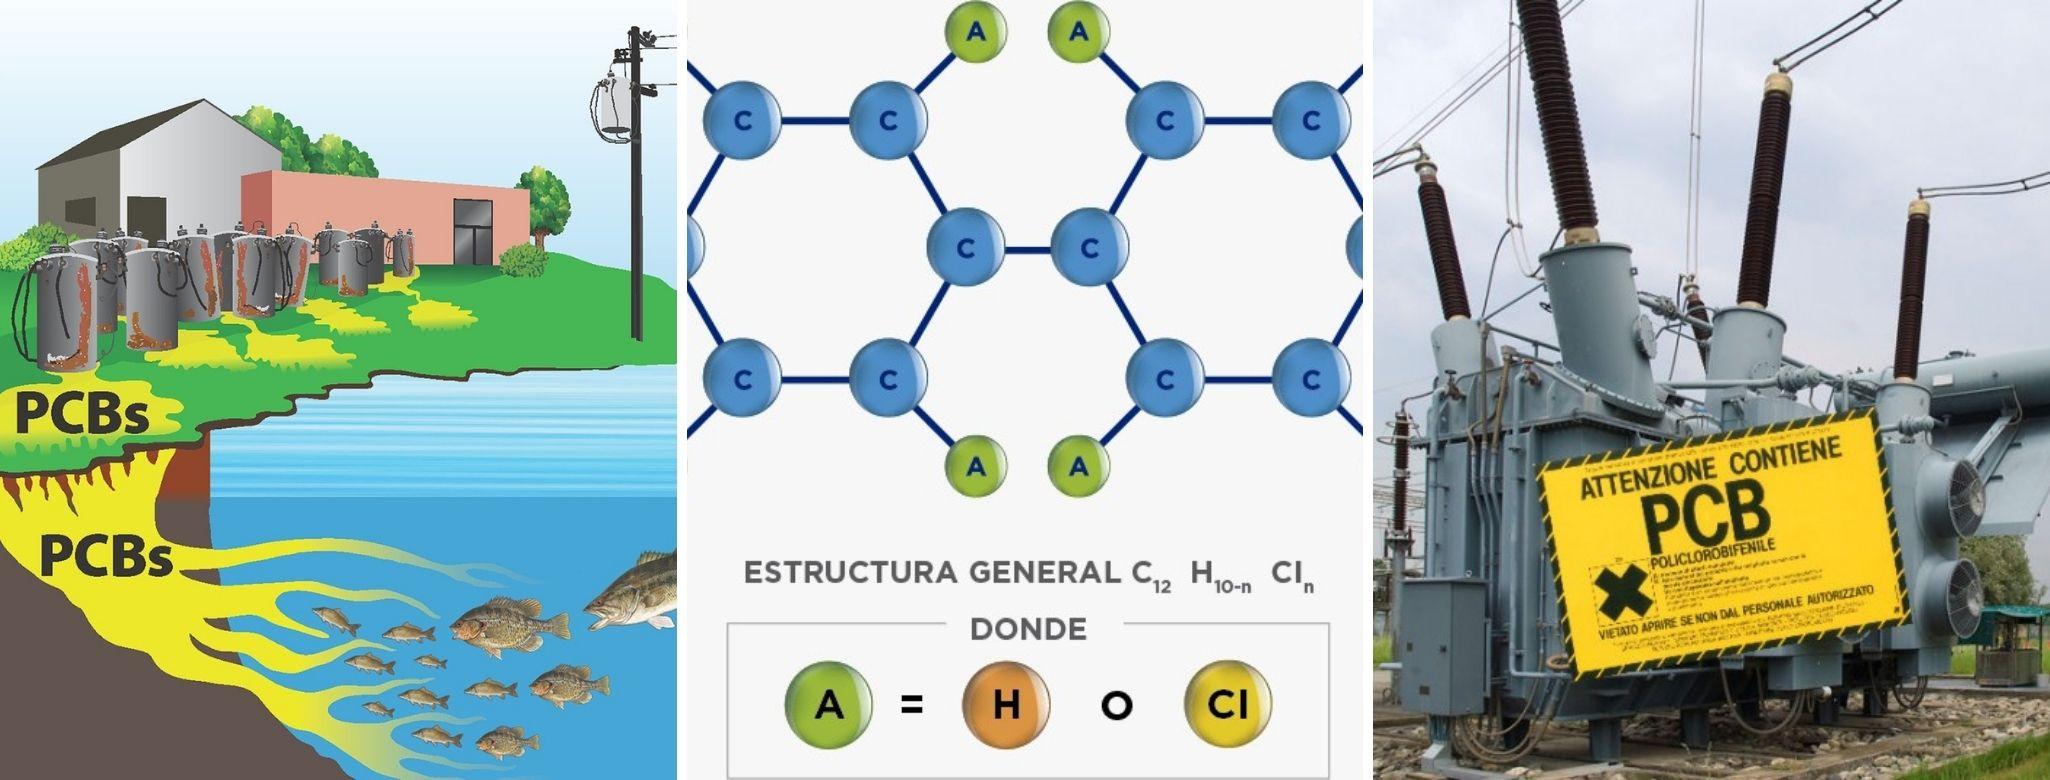 Hidronor se posiciona como empresa pionera en gestión de eliminación de Compuestos Orgánicos Persistentes en Chile